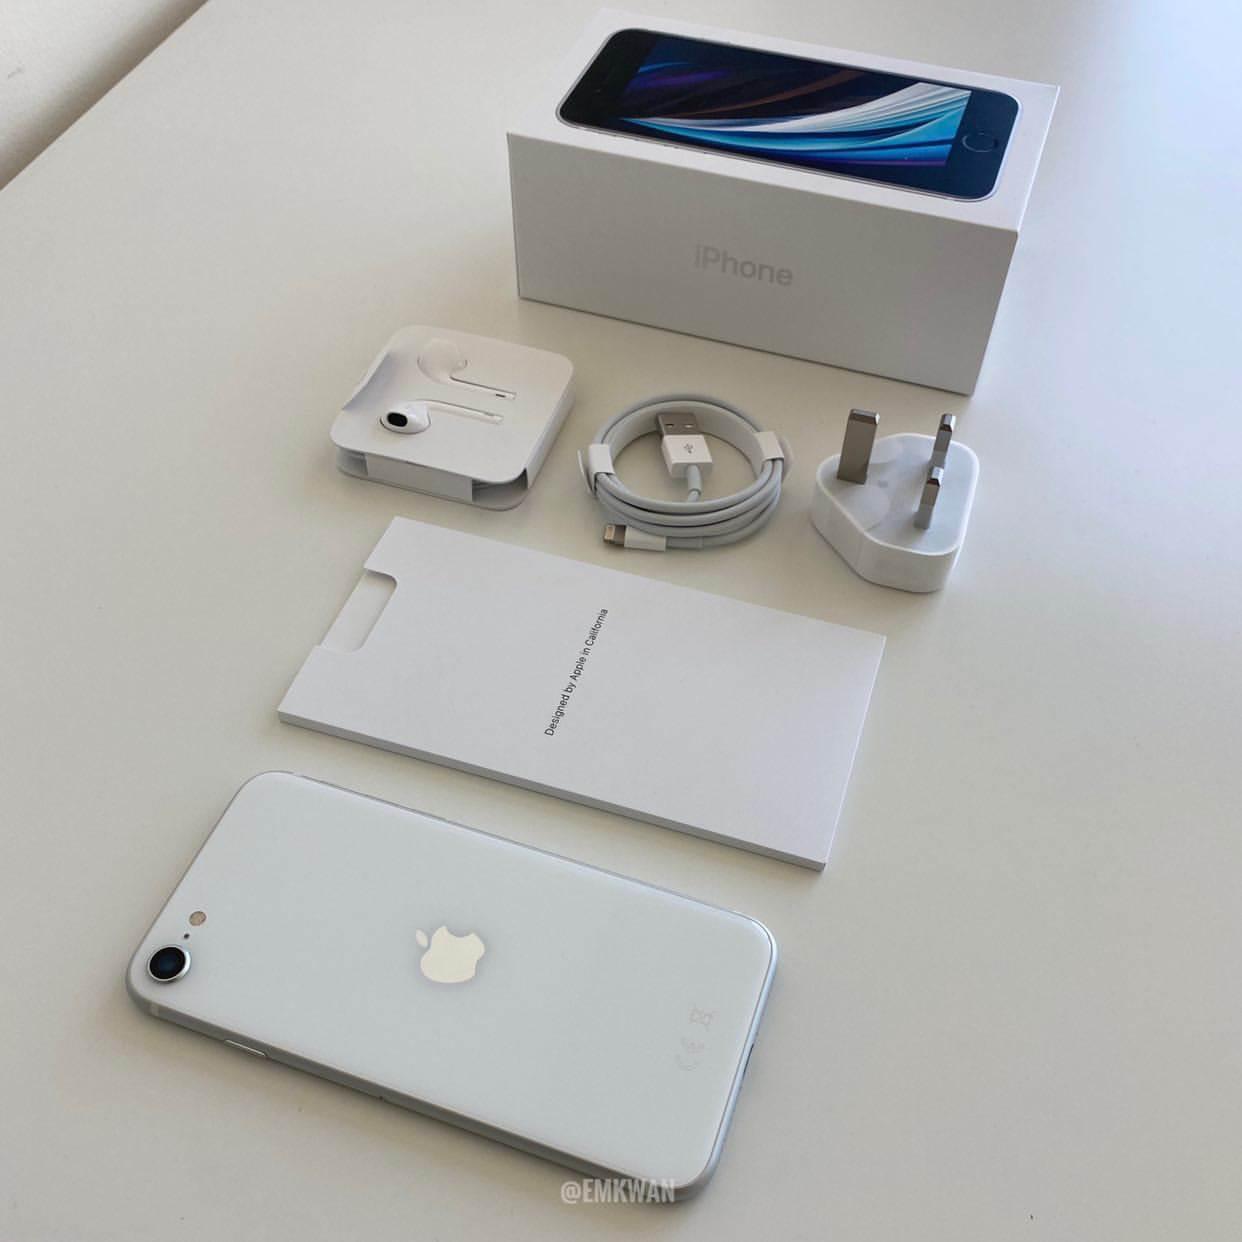 W sieci pojawił się pierwszy unboxing iPhone SE 2020 polecane, ciekawostki Wideo, Unboxing, rozpakowanie iPhone se 2020, iPhone SE 2020, Apple  Popularny bloger YouTube, Emkwan, udostępnił na swoim kanale YouTube film przedstawiający rozpakowania nowego iPhone'a SE, a także pierwsze wrażenia na temat najbardziej przystępnego cenowo smartfona Apple. SE1